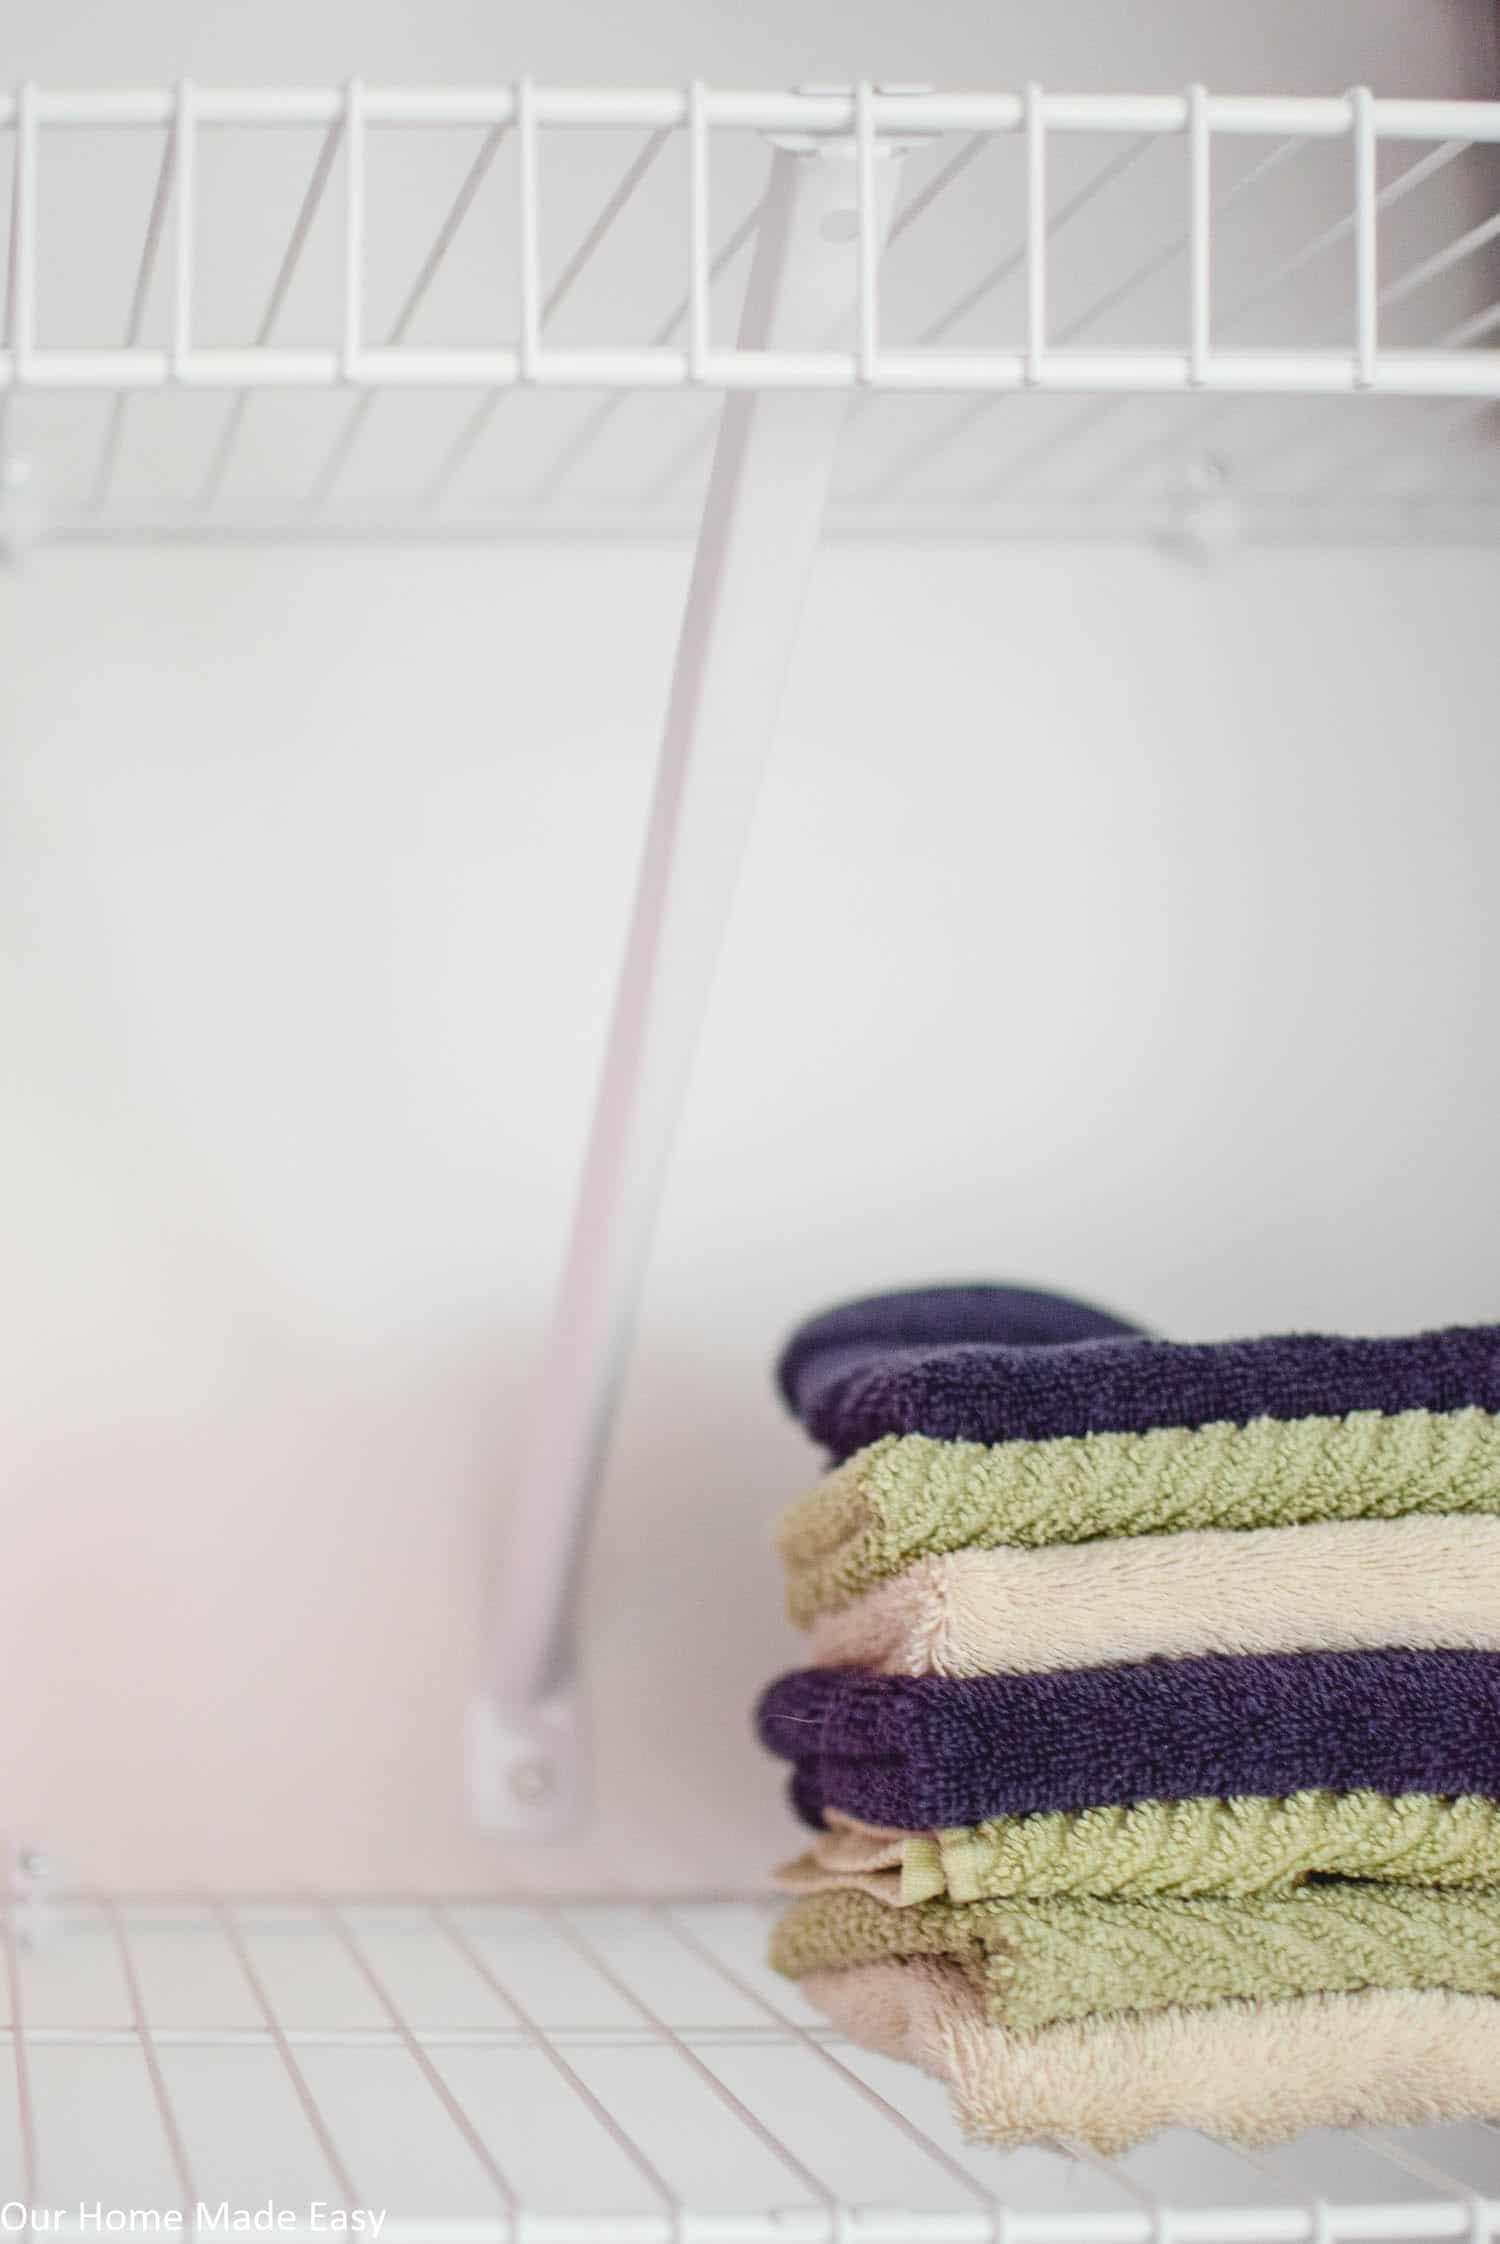 Bathroom Linen Closet Reveal Our Home Made Easy